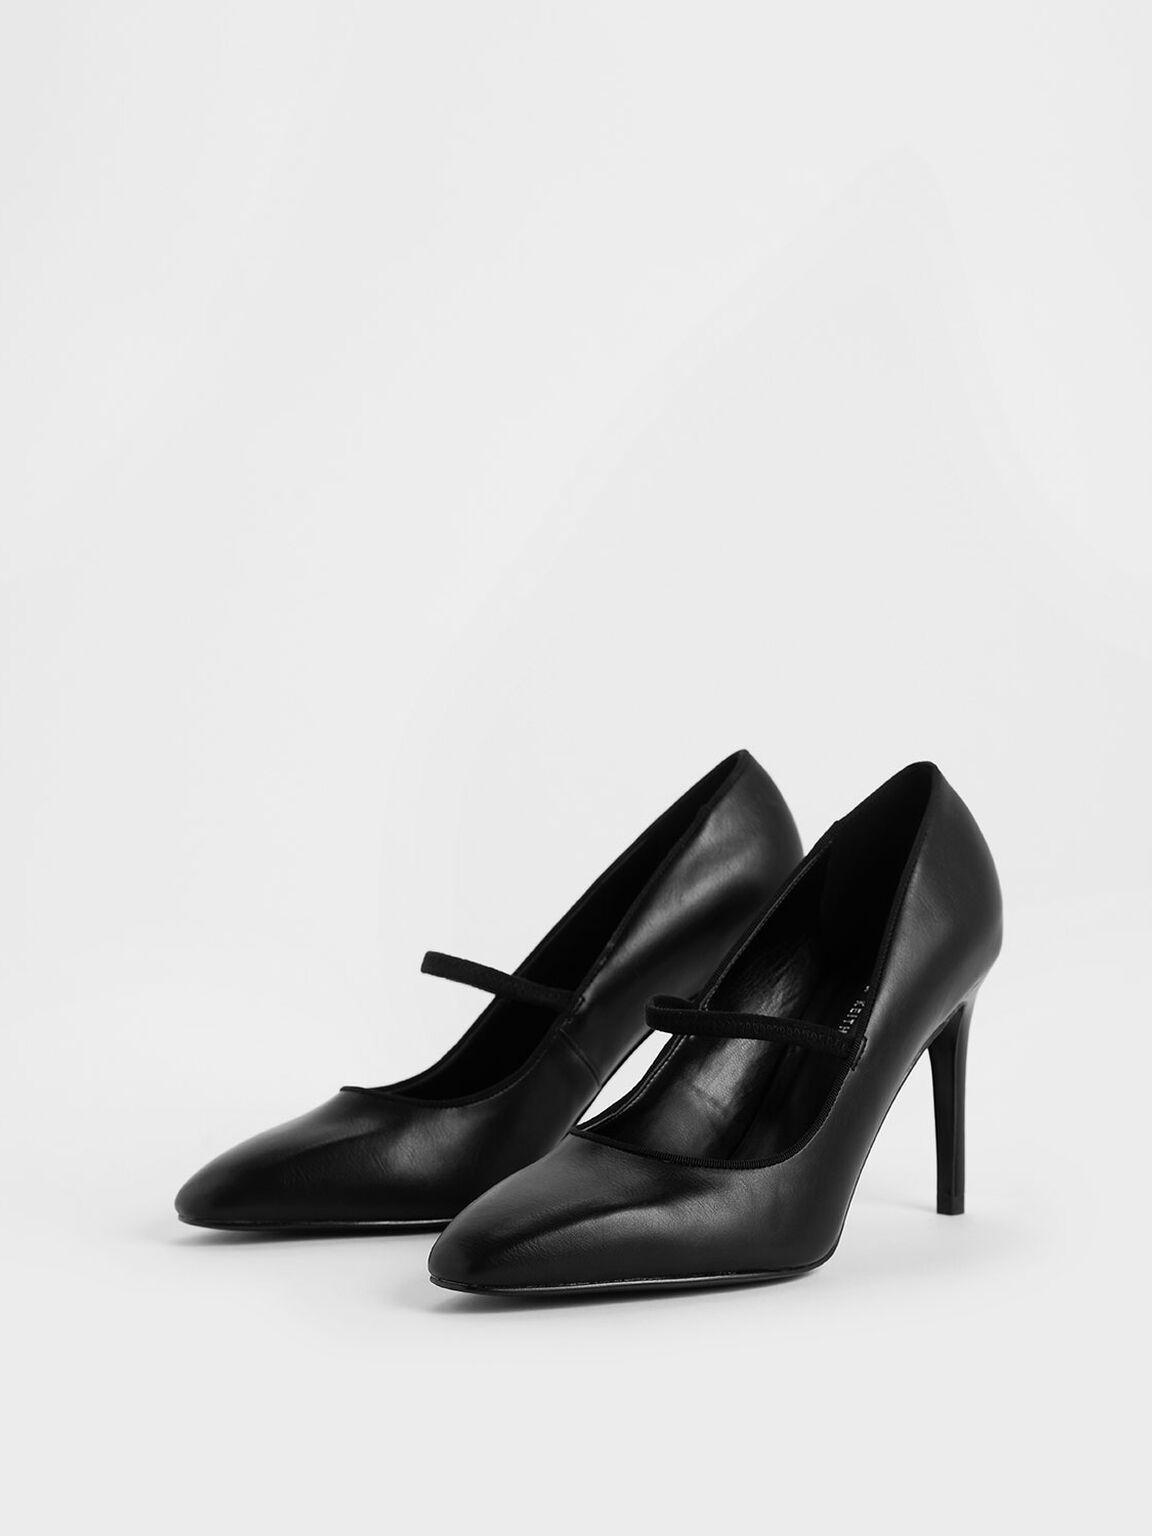 Mini Square Toe Mary Jane Pumps, Black, hi-res